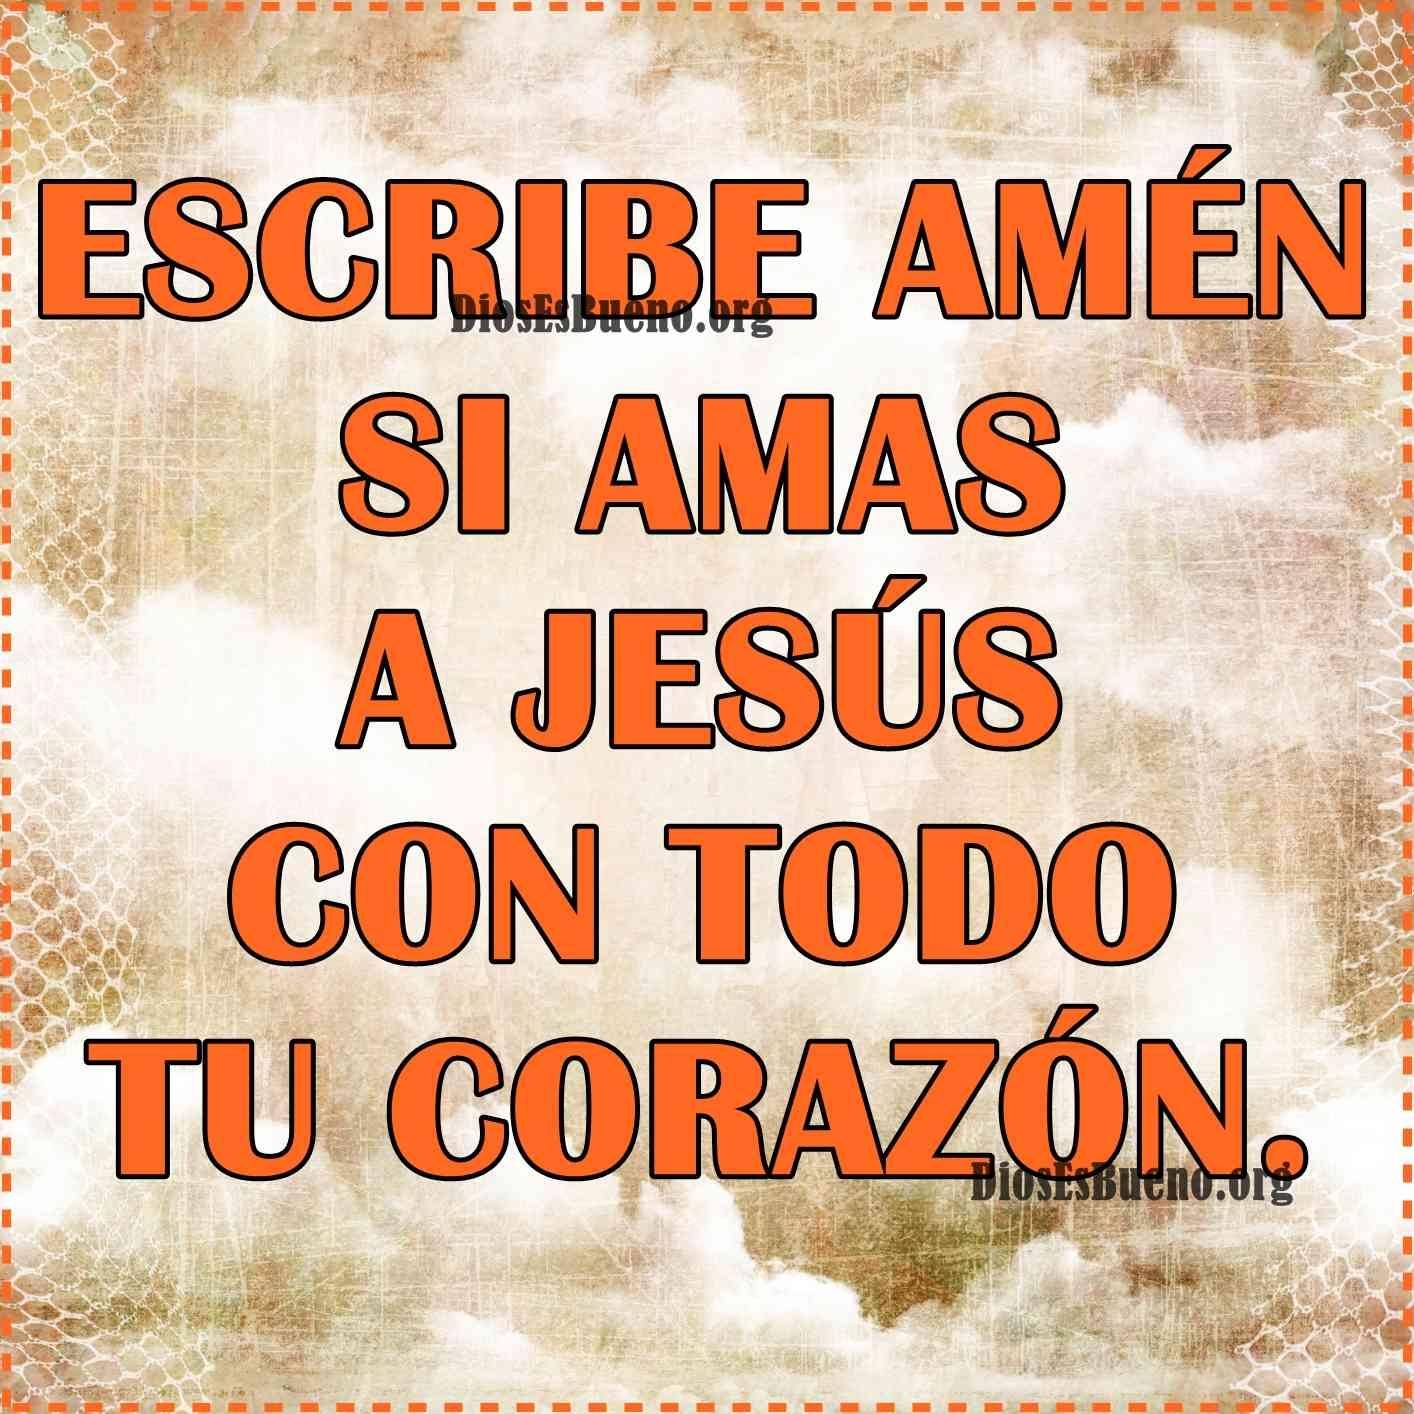 Si Amas A Jesus con todo tu corazon